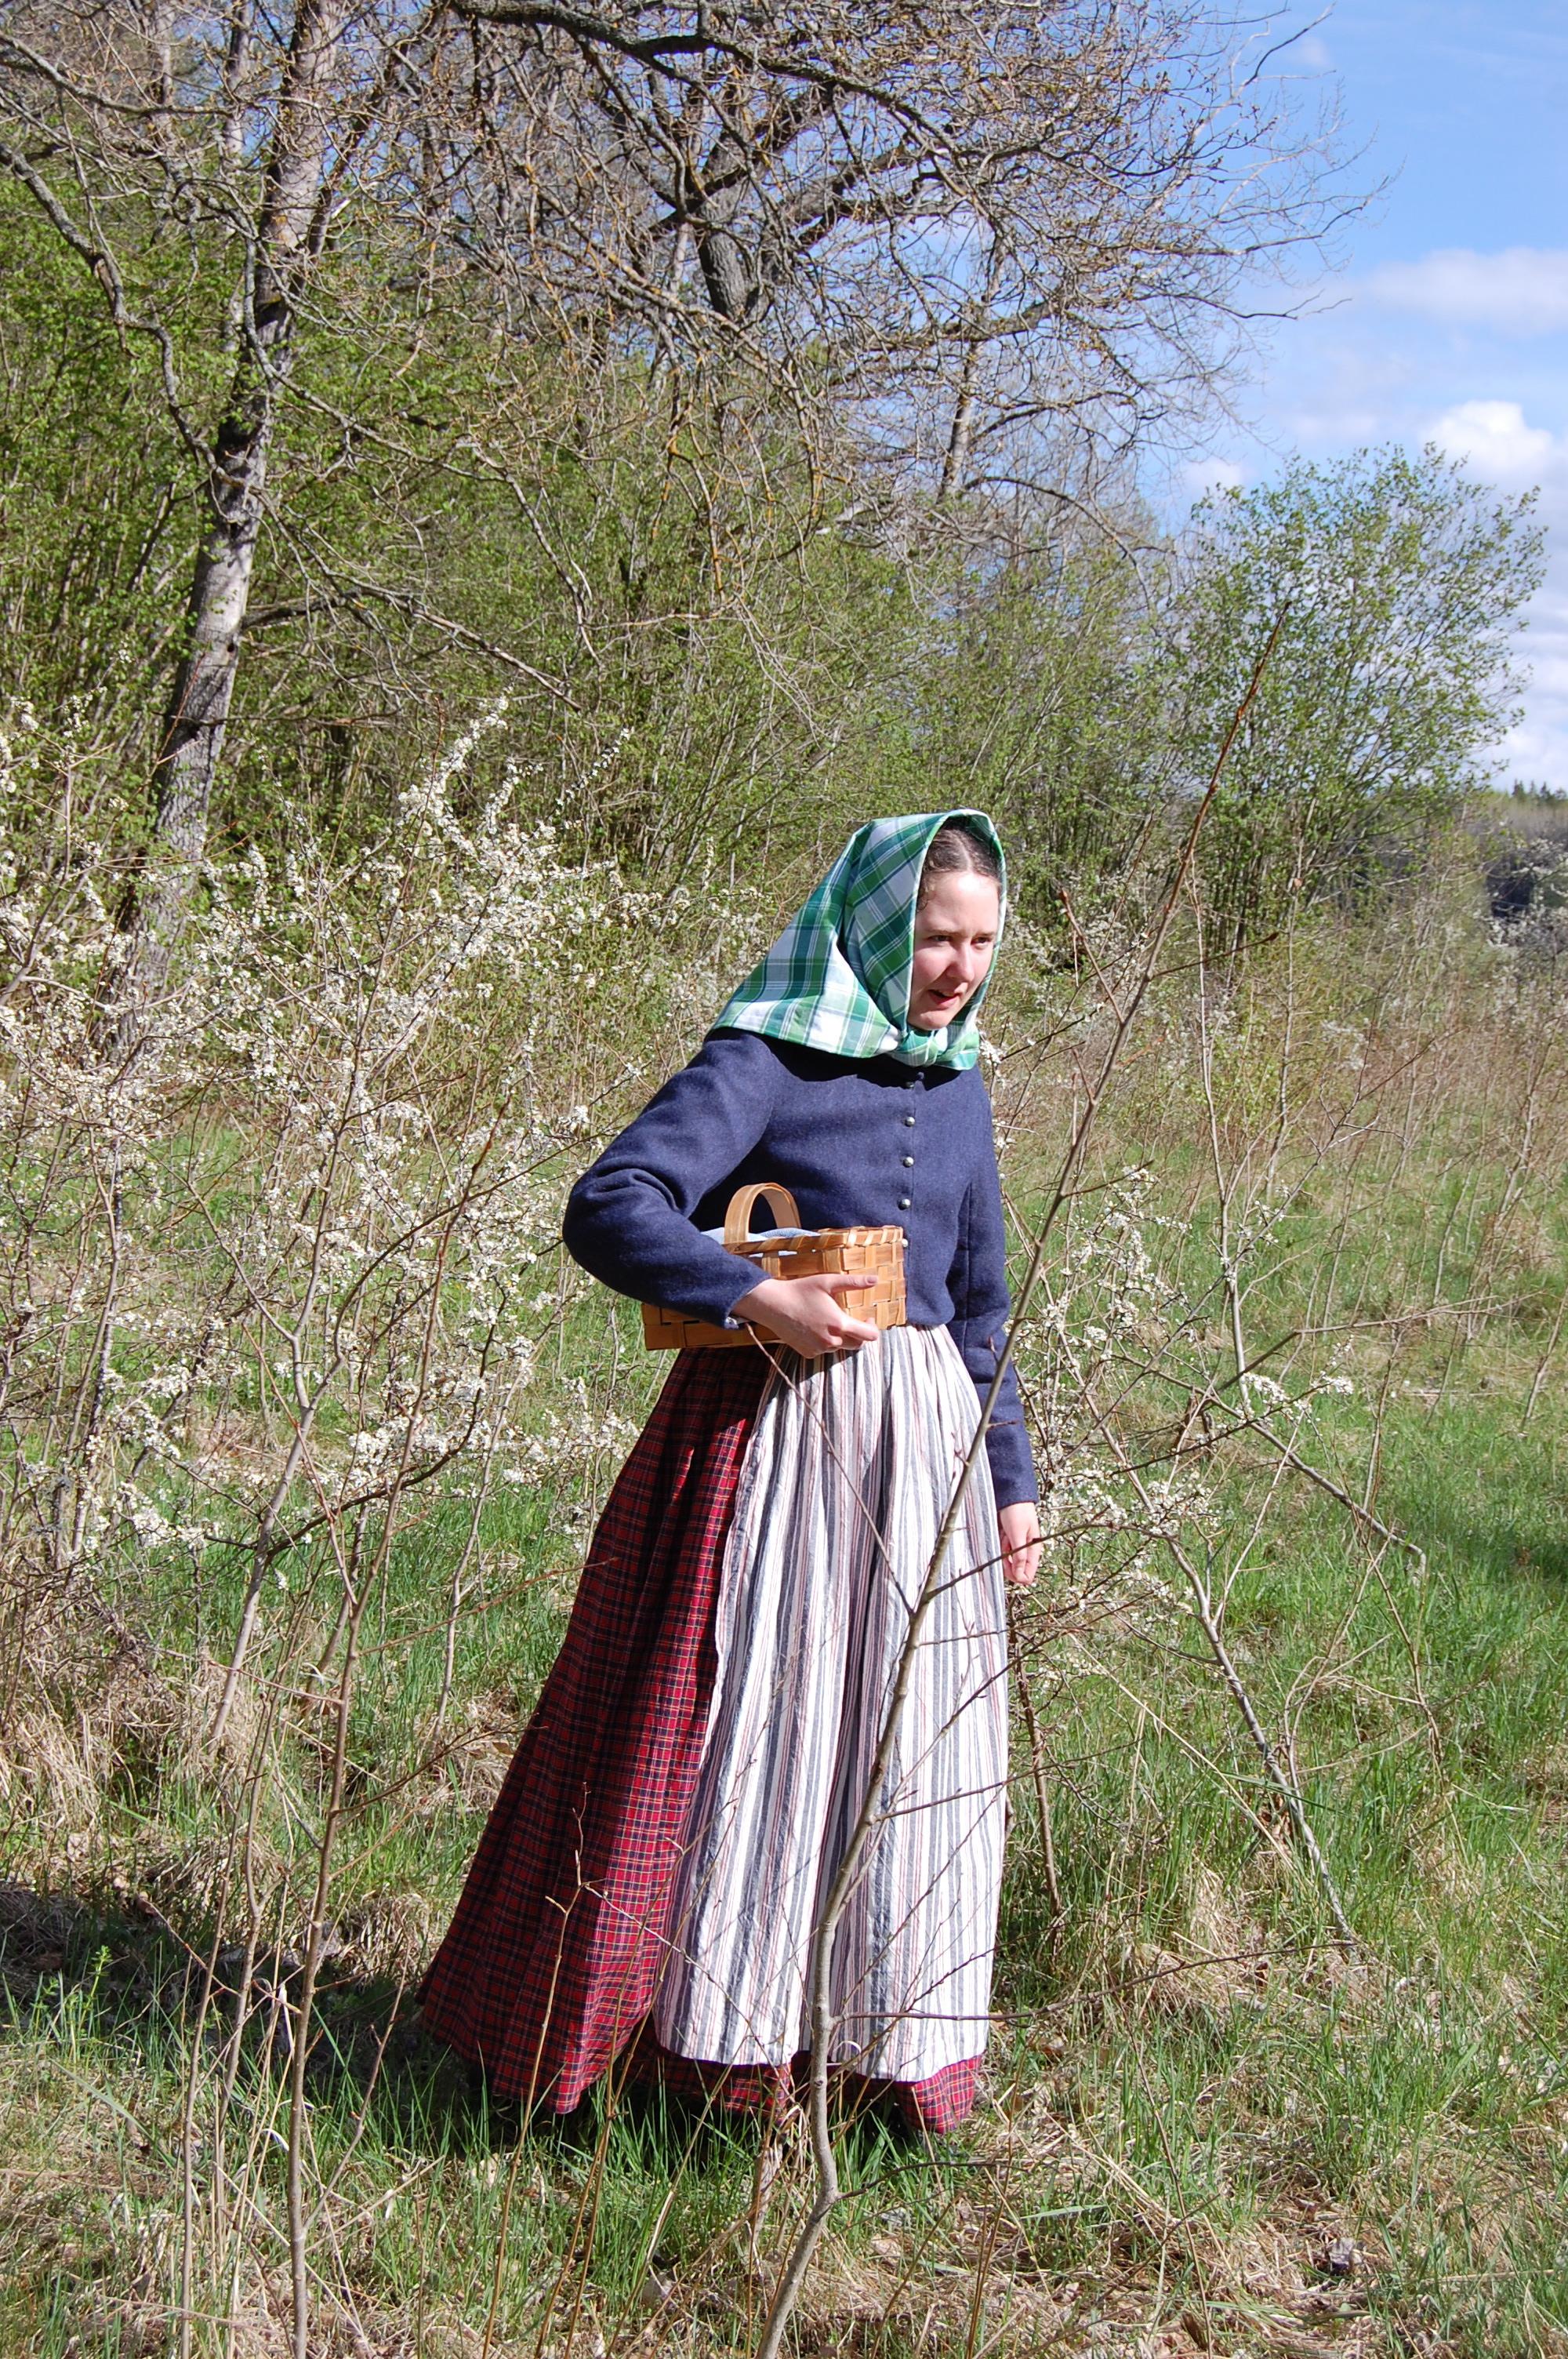 I 1850-talsklänning, förkläde, sjalett och vadmalsjacka, med korg, bland blommande slån.